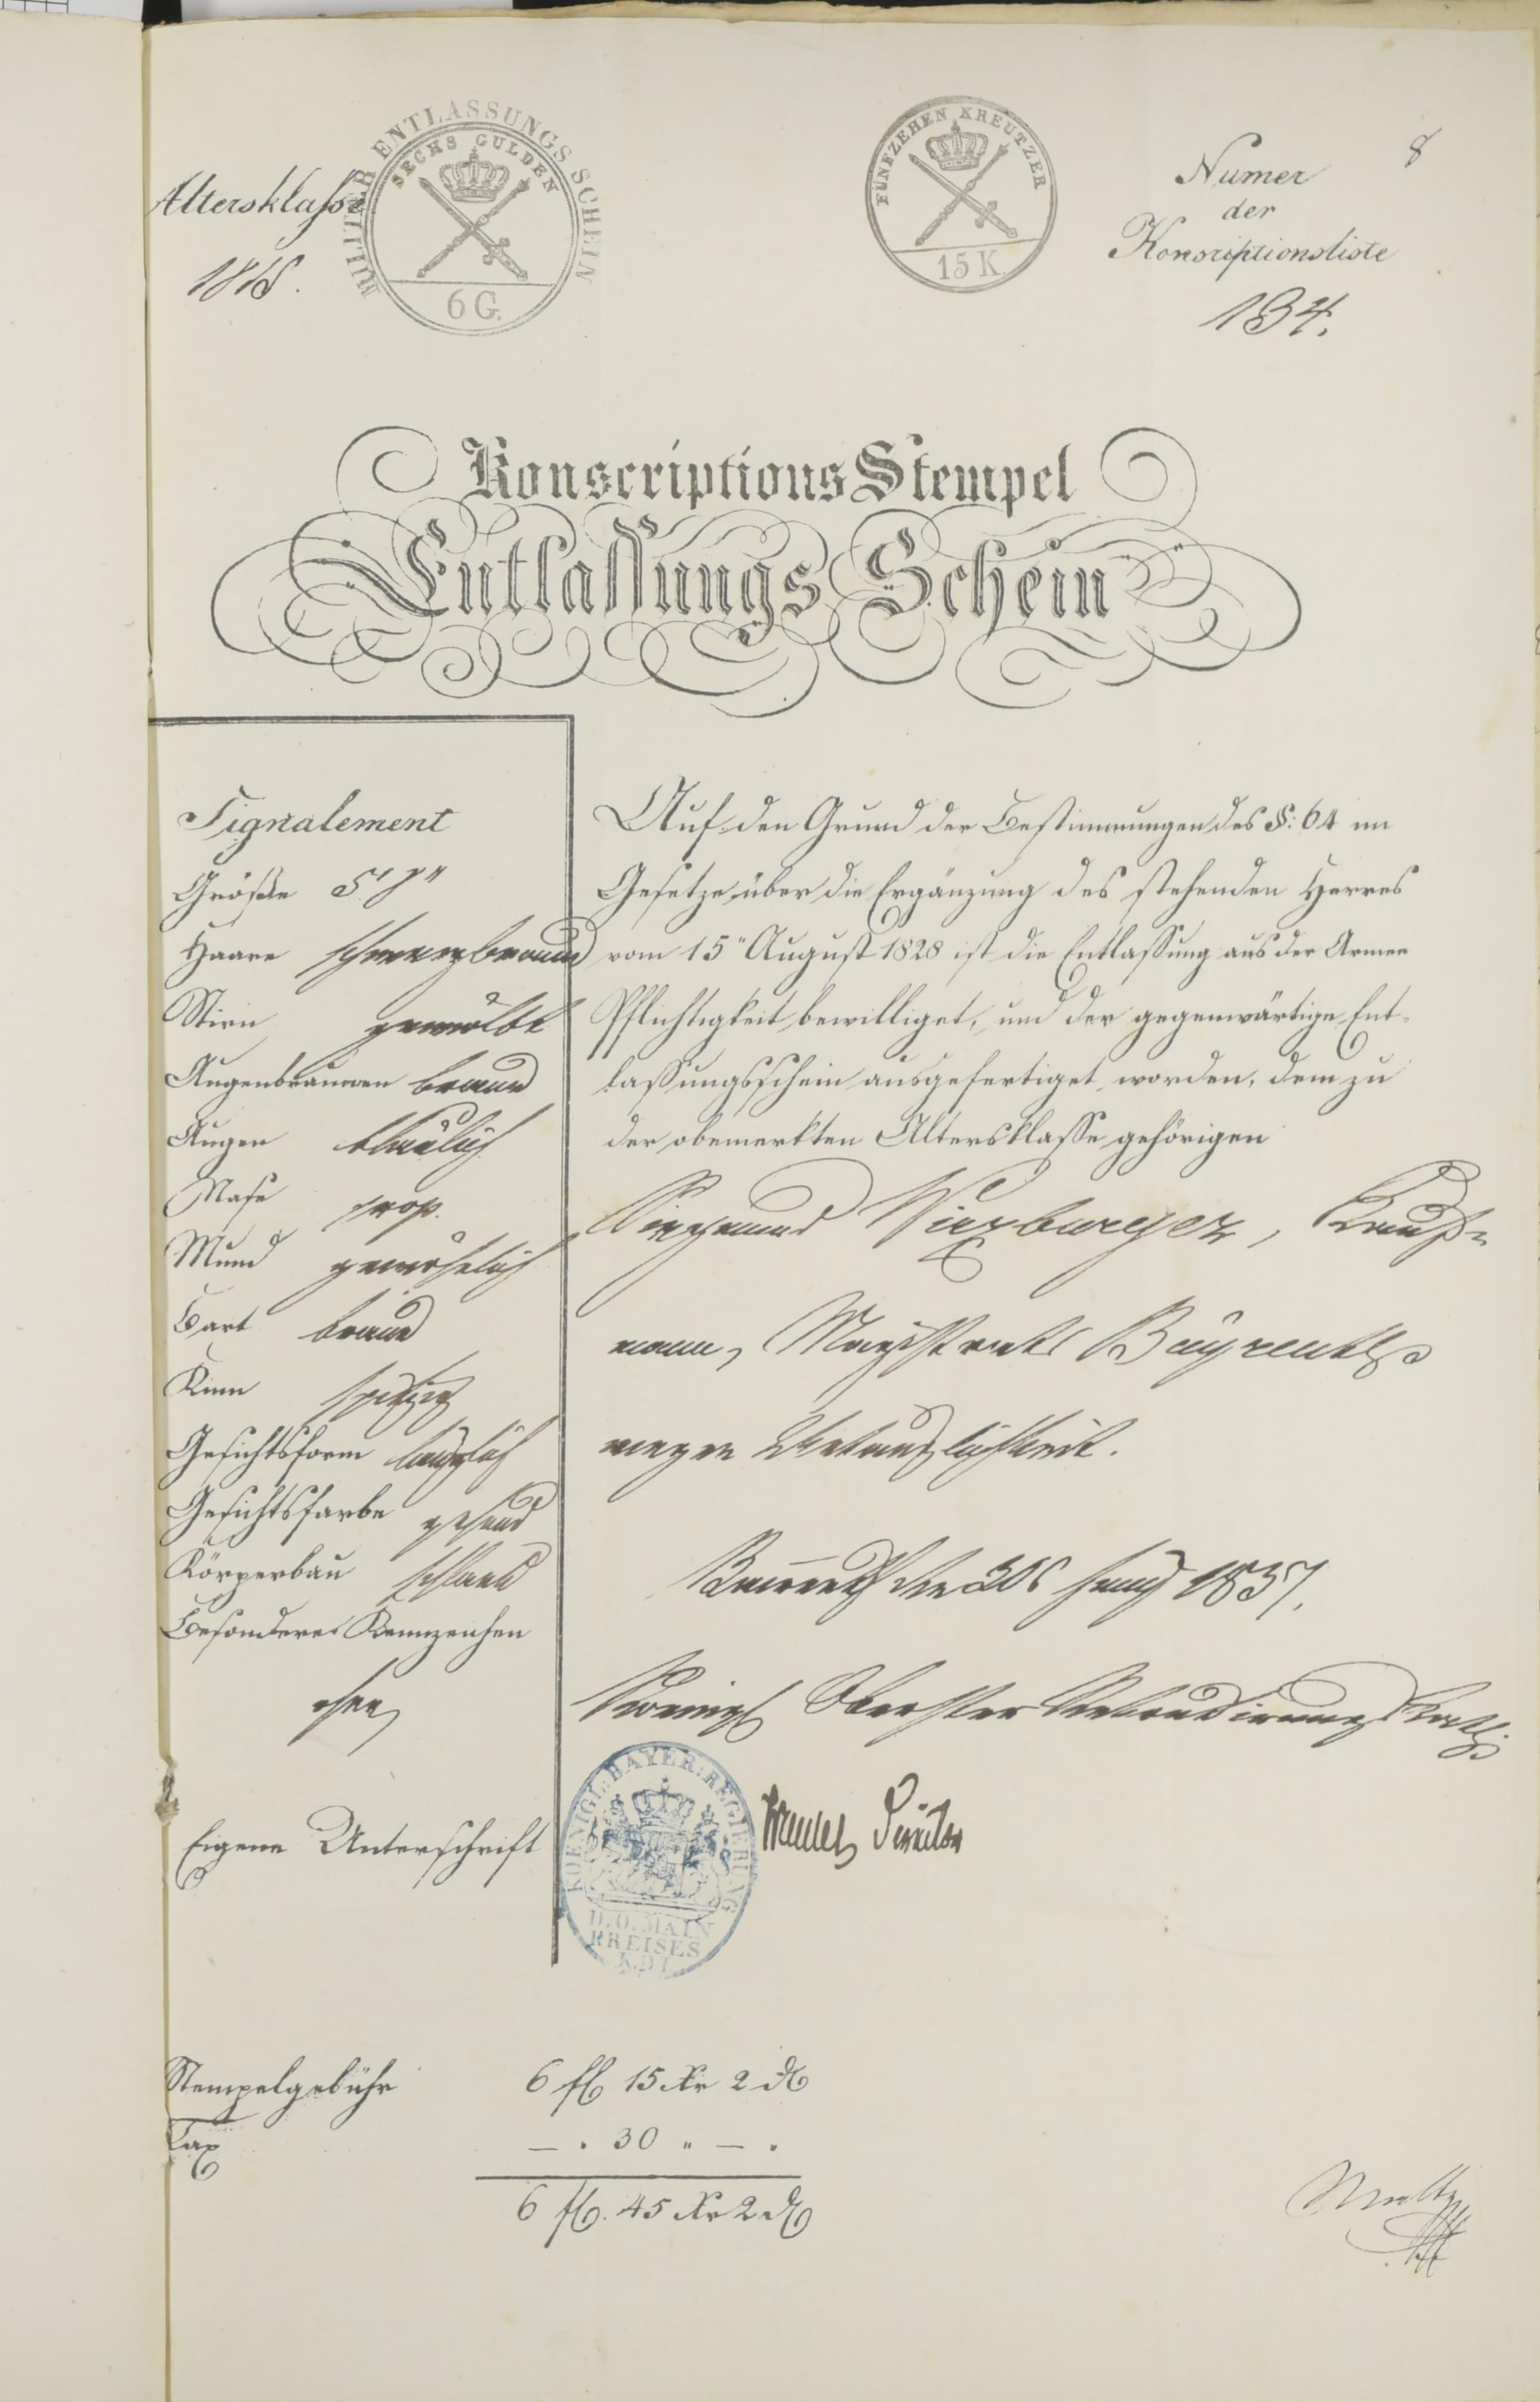 Zu den Unterlagen, die Siegmund seinem Gesuch beifügen musste, gehörte auch ein Nachweis darüber, dass er von der Militärpflicht befreit war. Auf der linken Seite dieses Militärentlassungsscheins ist Siegmunds Aussehen genau festgehalten.